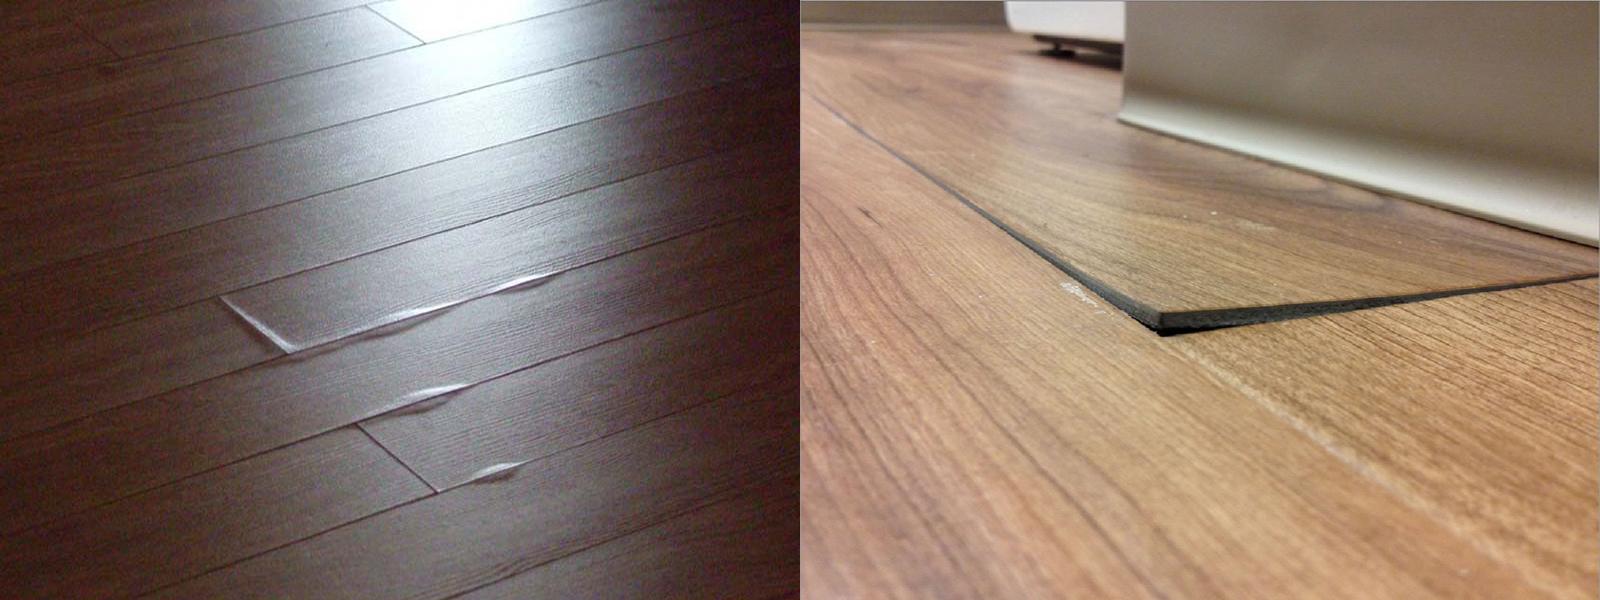 Sàn gỗ công nghiệp bị phồng